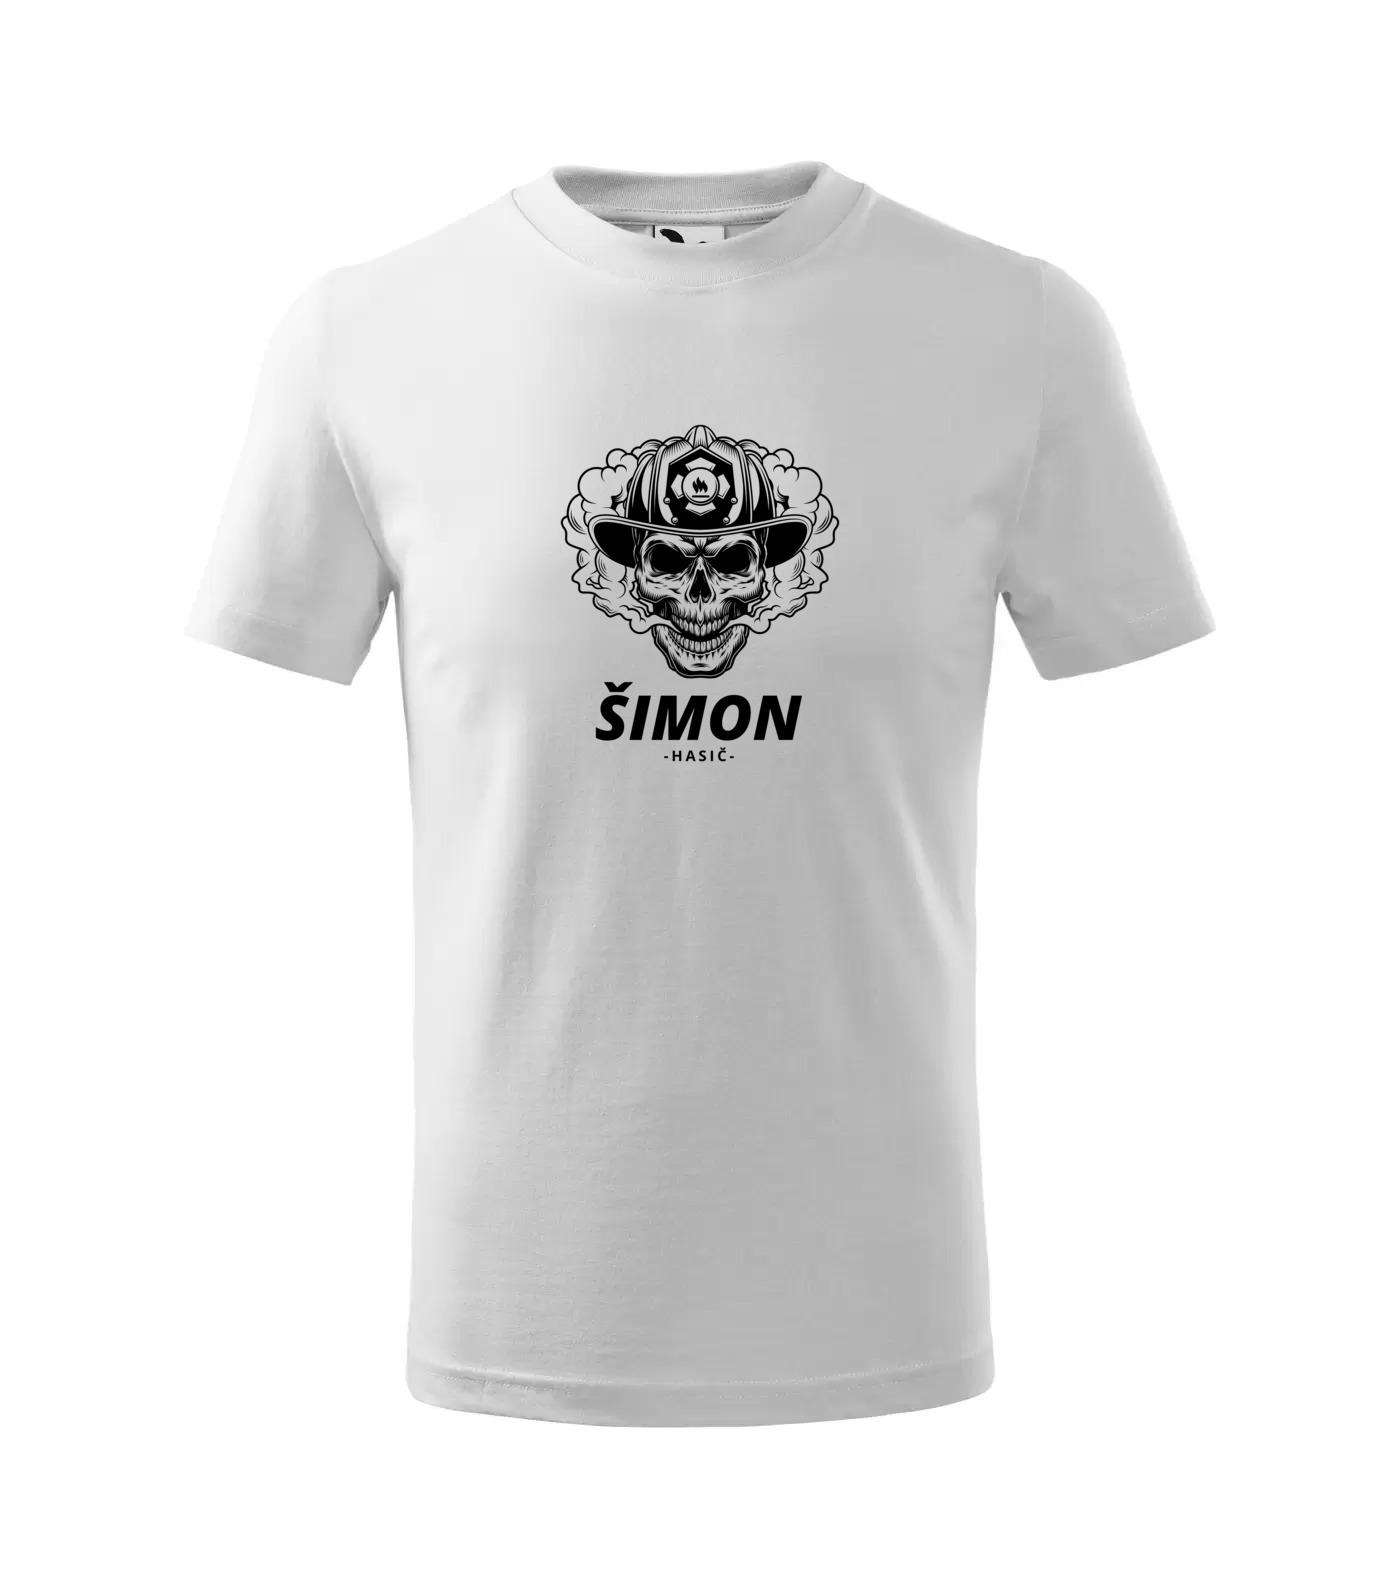 Tričko Hasič Šimon